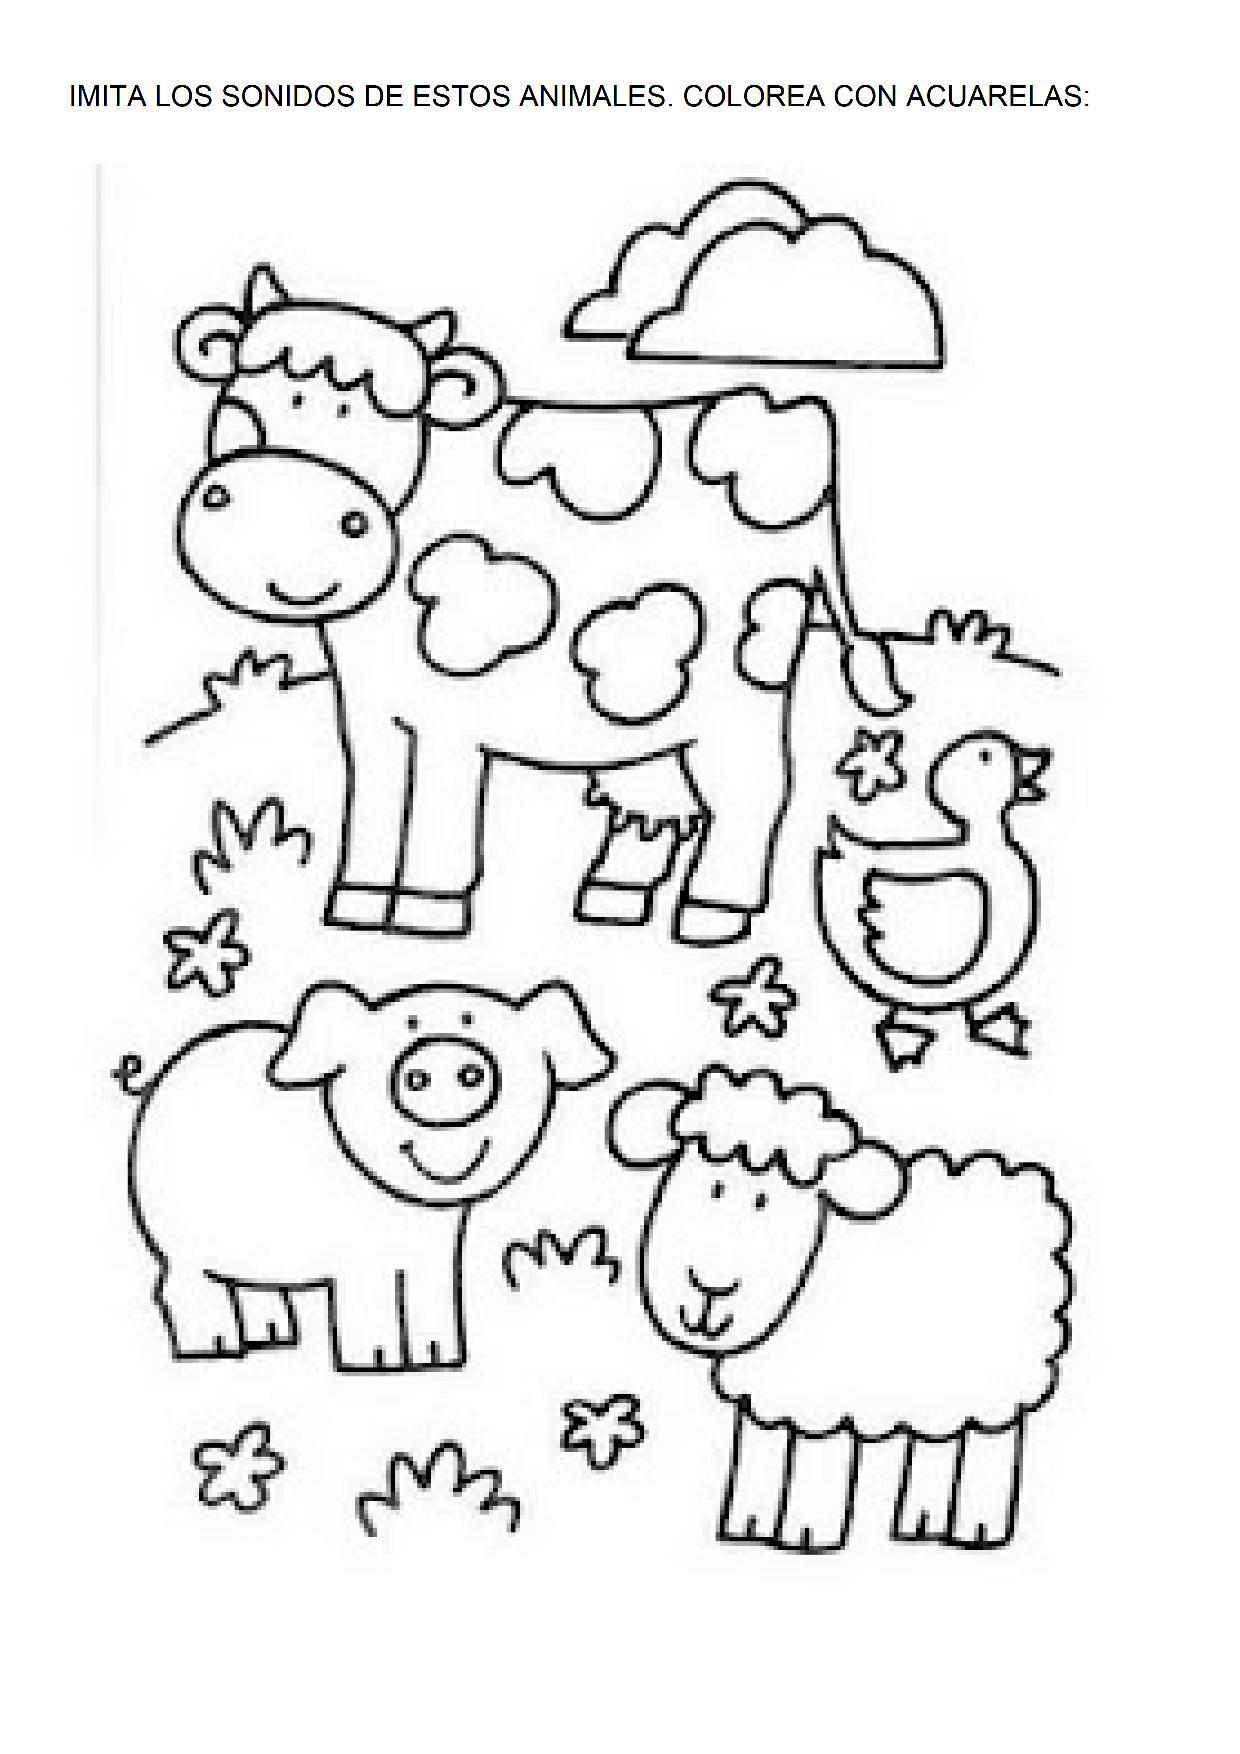 La Granja Dibujos Para Colorear Escuela En La Nube Recursos Para Infantil Y Primaria Proyectos De Animales Animales De La Granja Imagenes De Animales